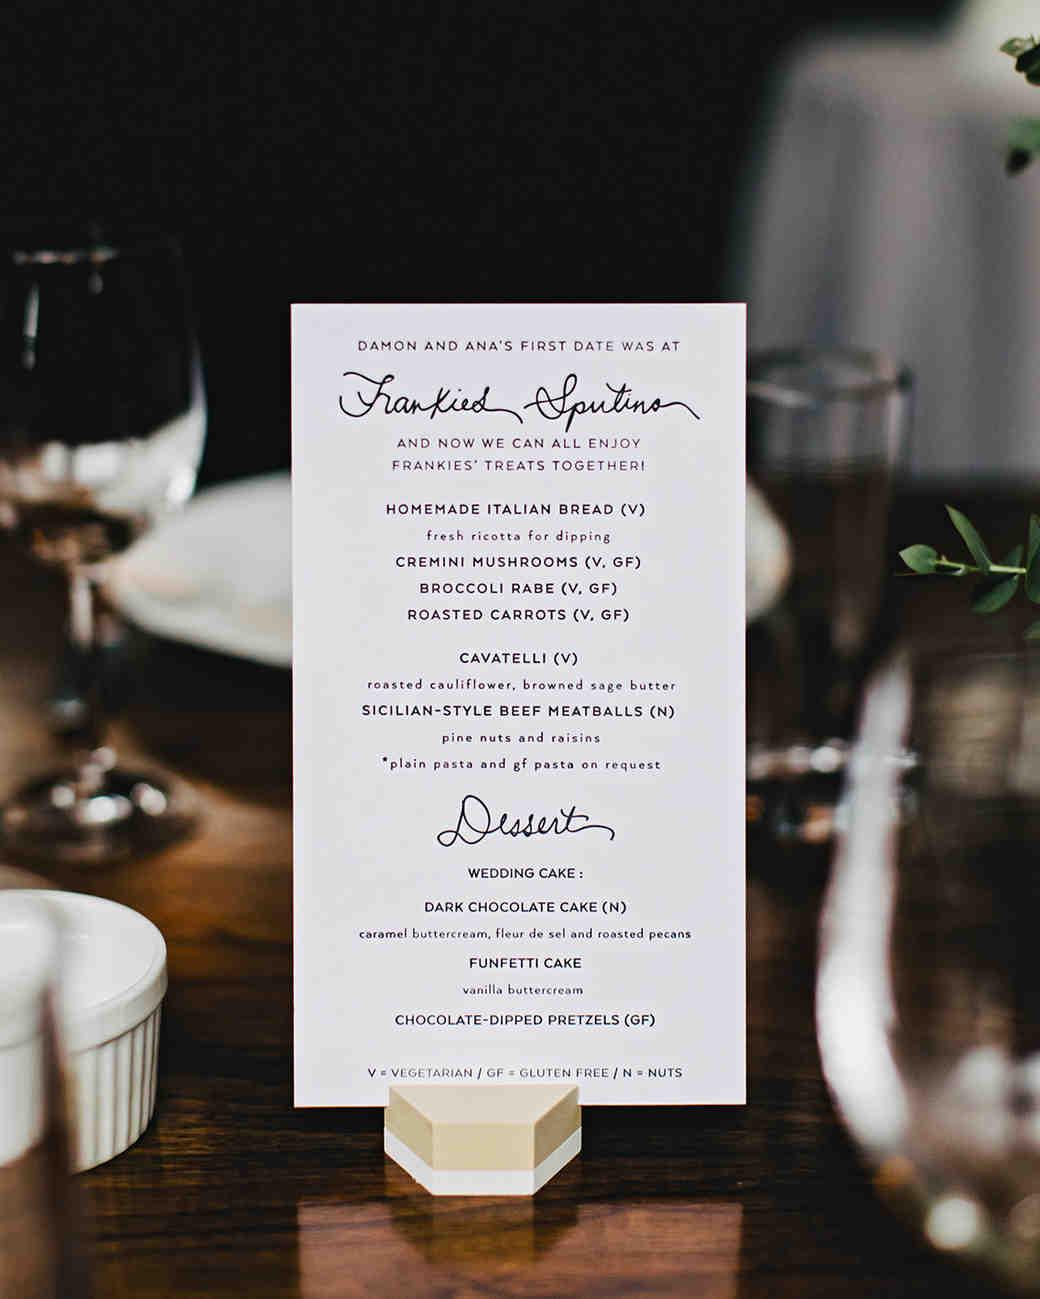 ana and damon menu on table